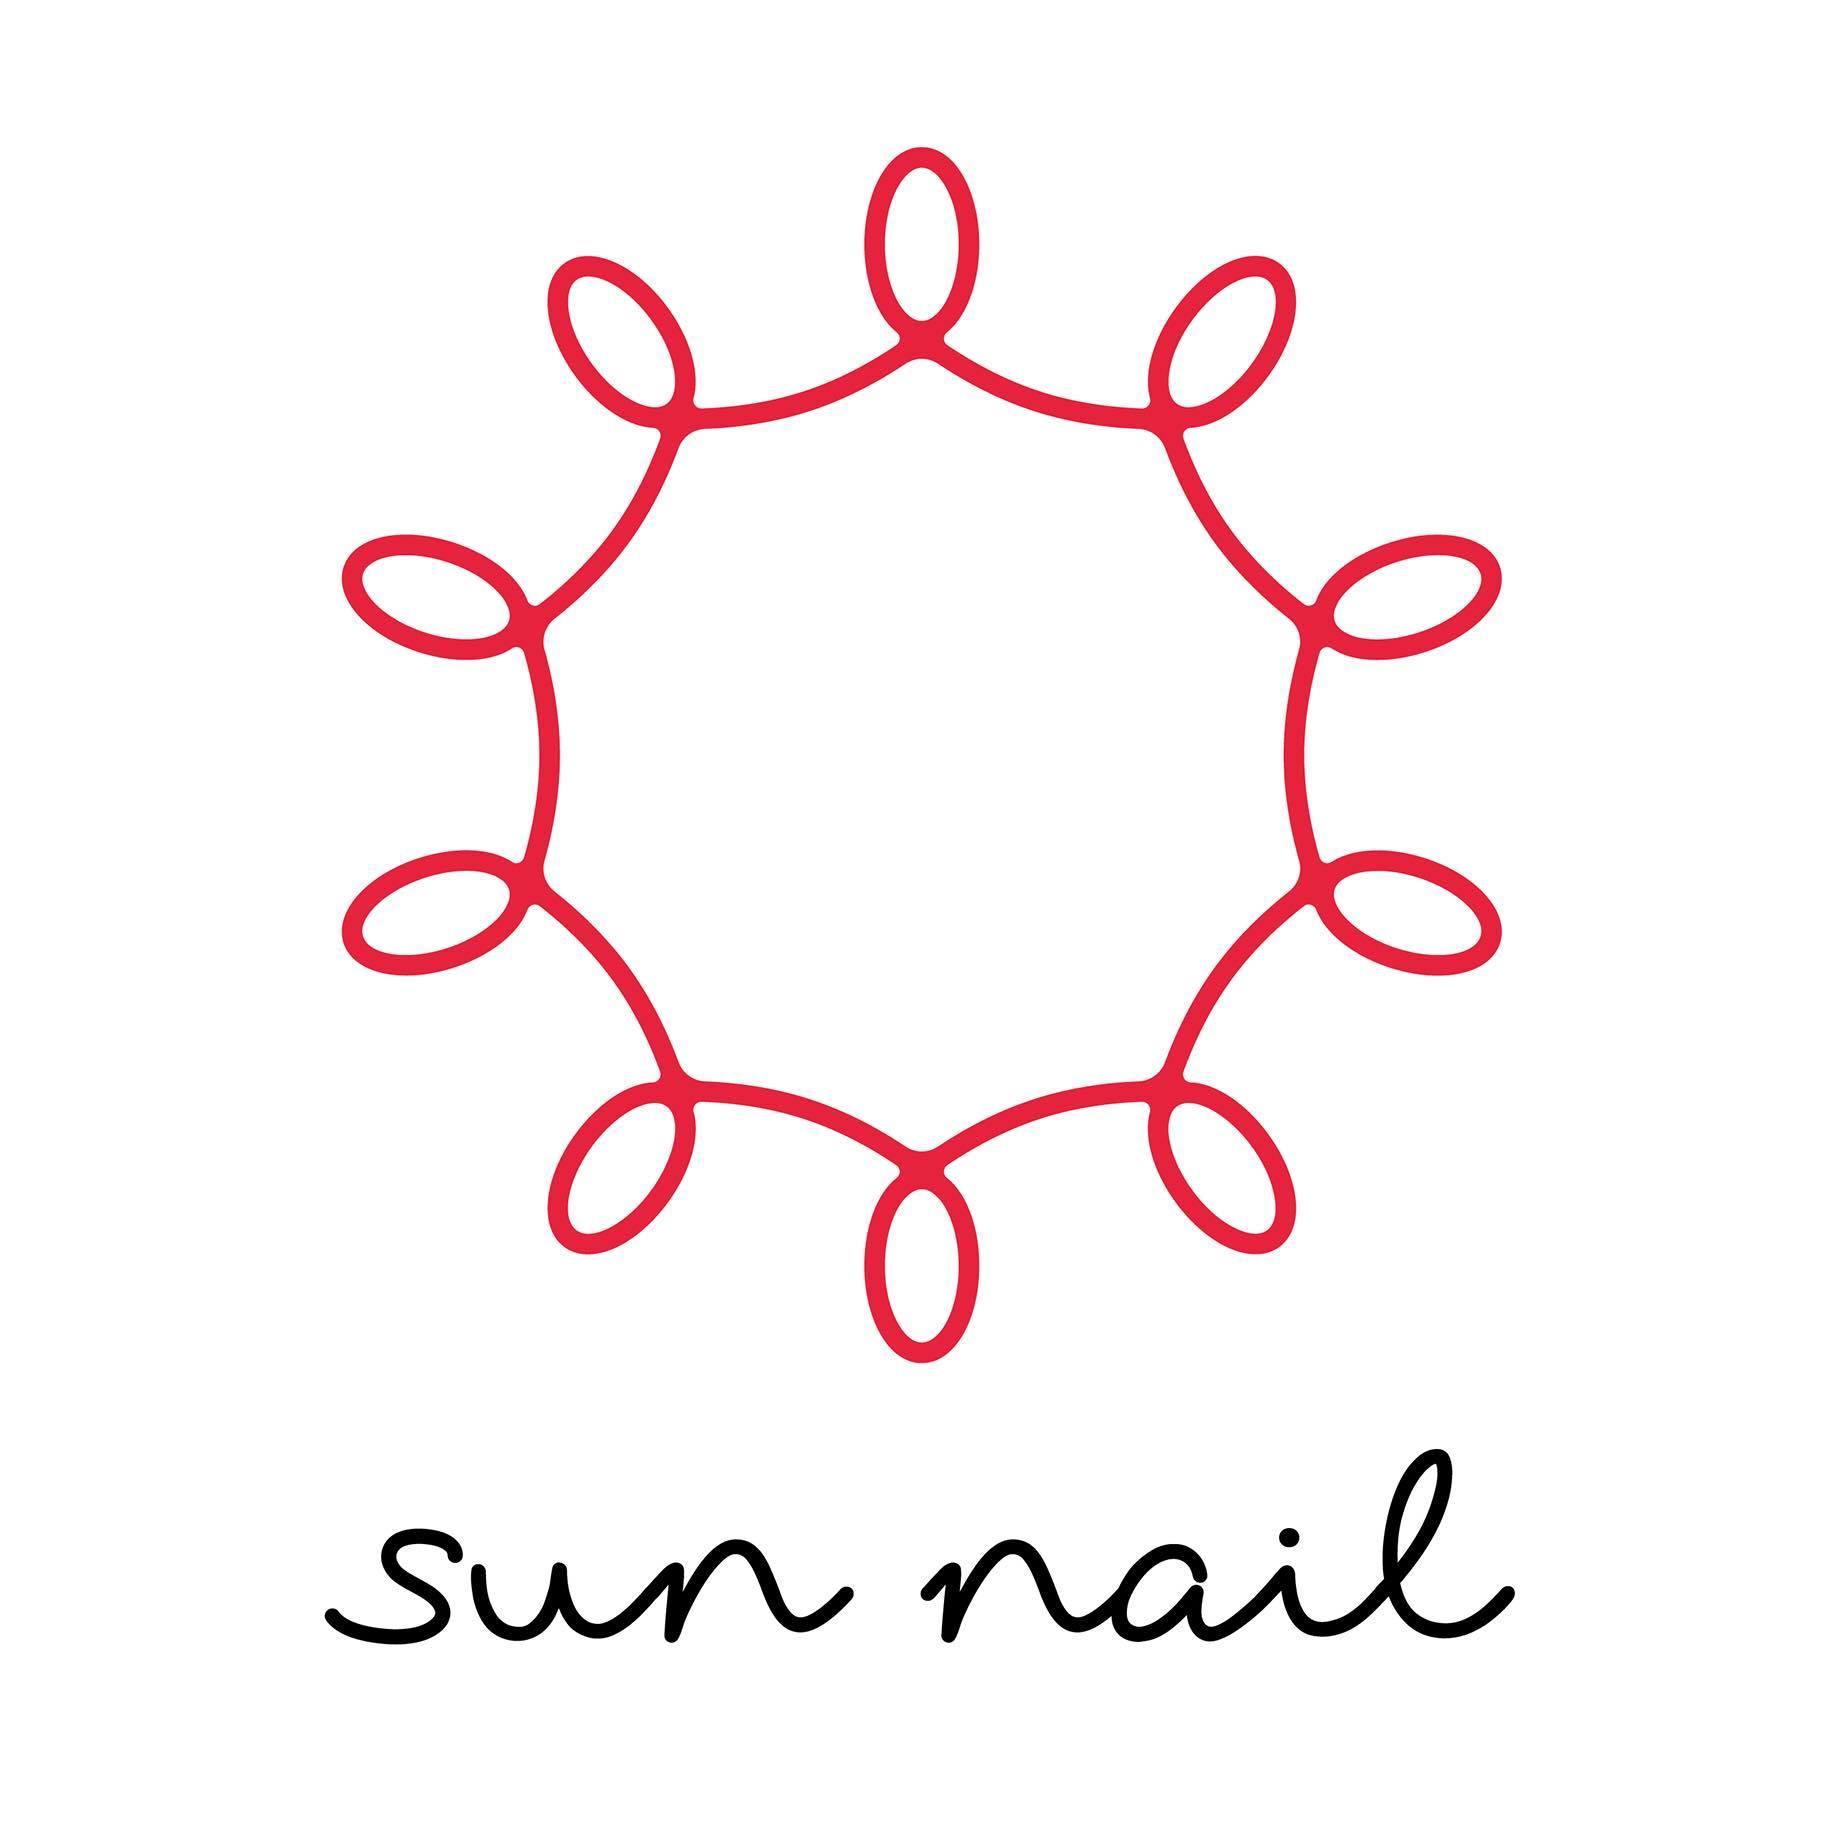 うる艶ネイルサロン【sun nail(サンネイル)】